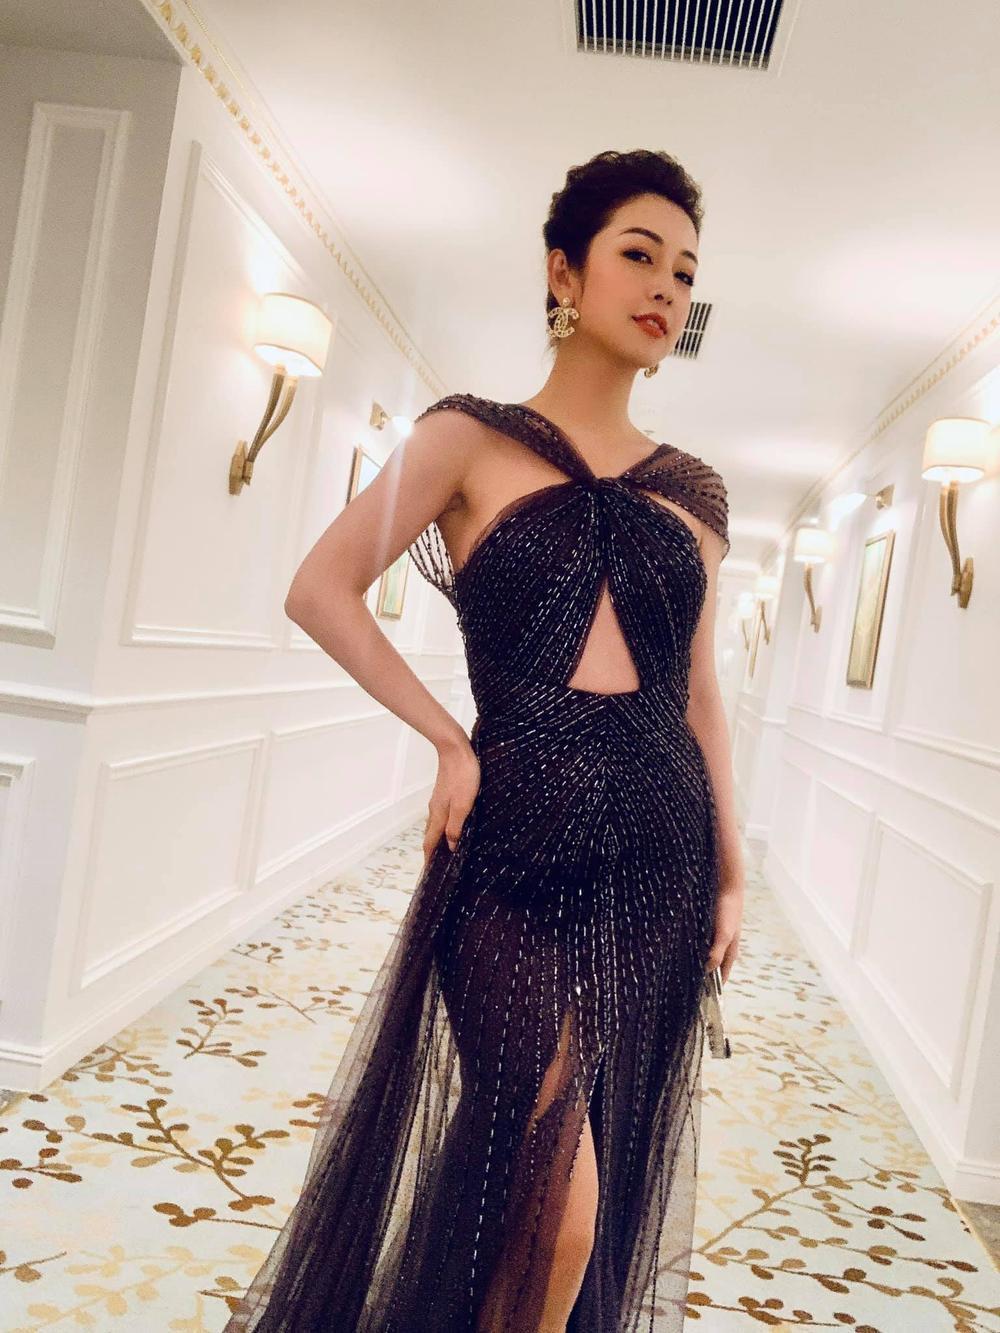 Hoa hậu Jennifer Phạm diện váy xuyên thấu khoe triệt để body gợi cảm của gái 4 con khiến fan trầm trồ Ảnh 1